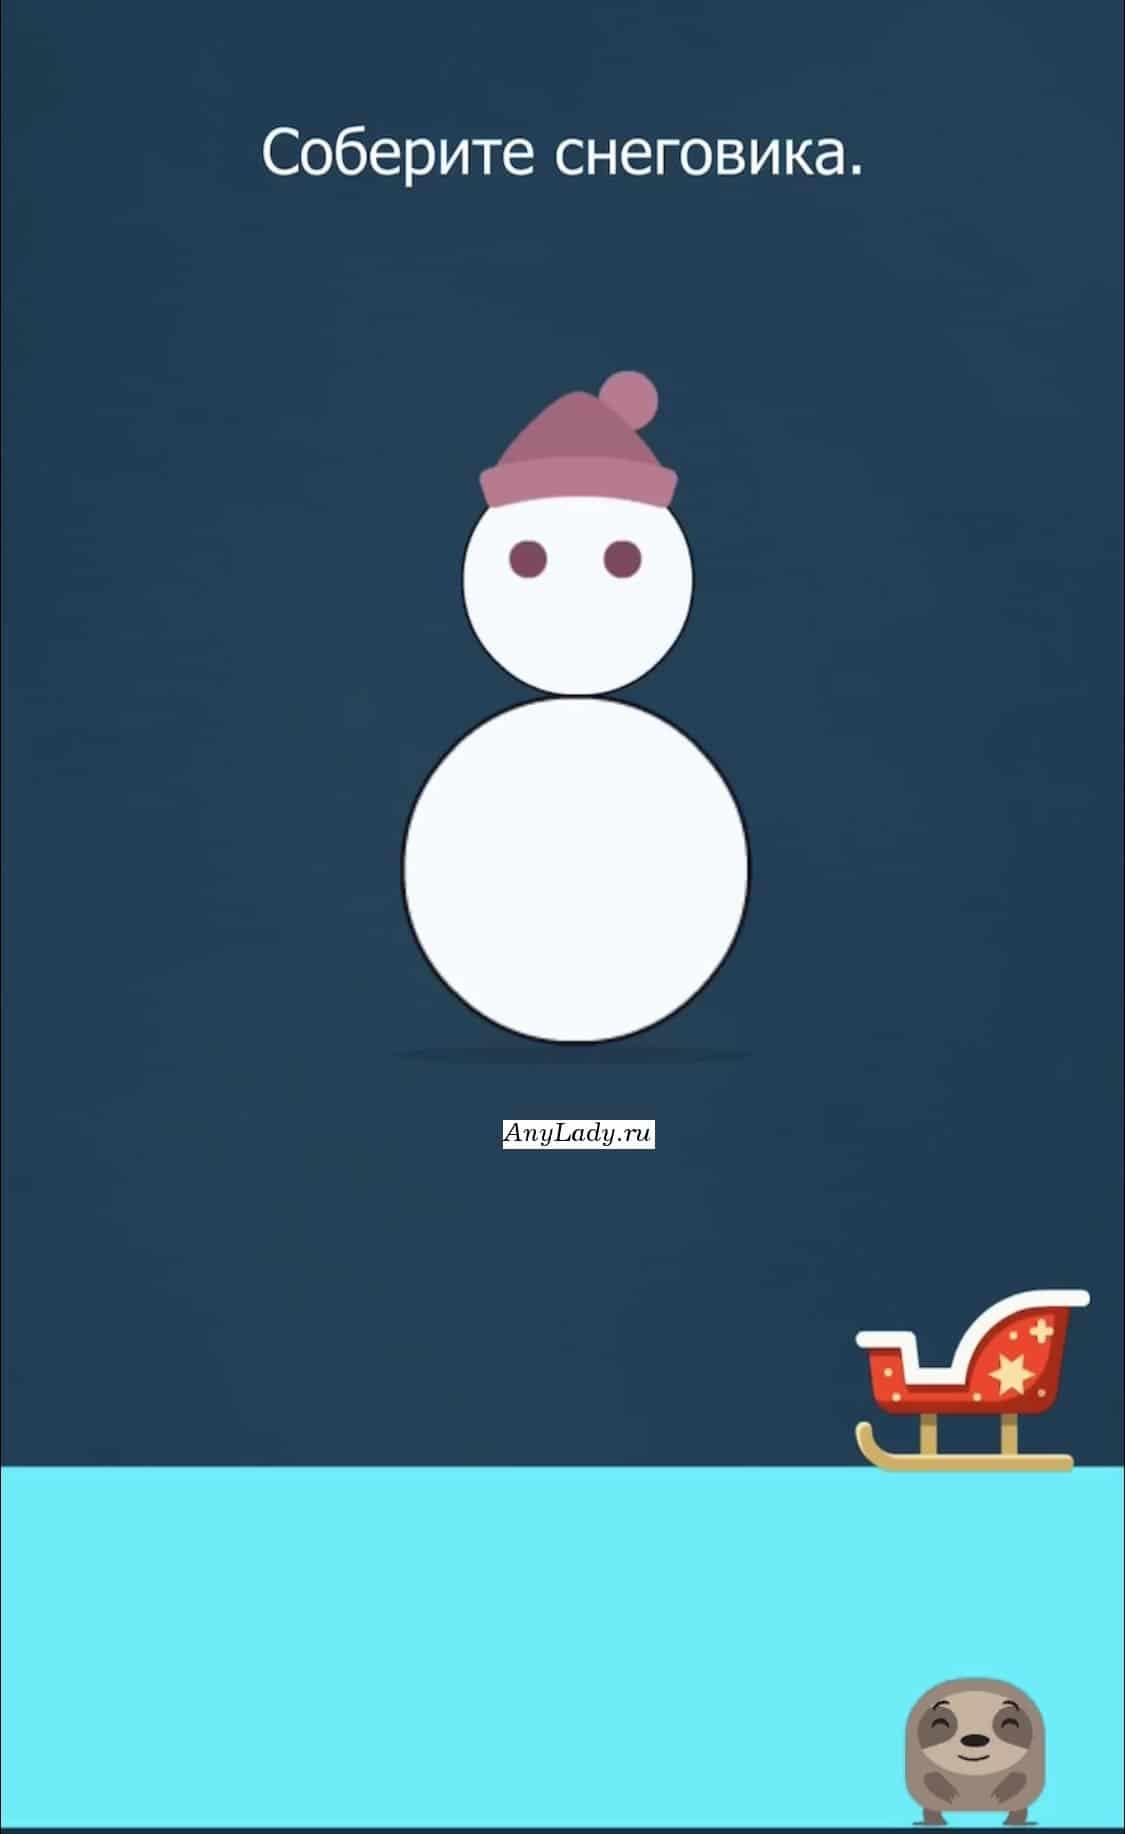 Штриховыми линиями обозначен размер снежного кома. Возьмите внизу экрана маленький снежок и катайте его до нужного размера, по снегу. Затем, поставьте получившийся круг вместо головы снеговика, далее все тоже самое с большим снежком.